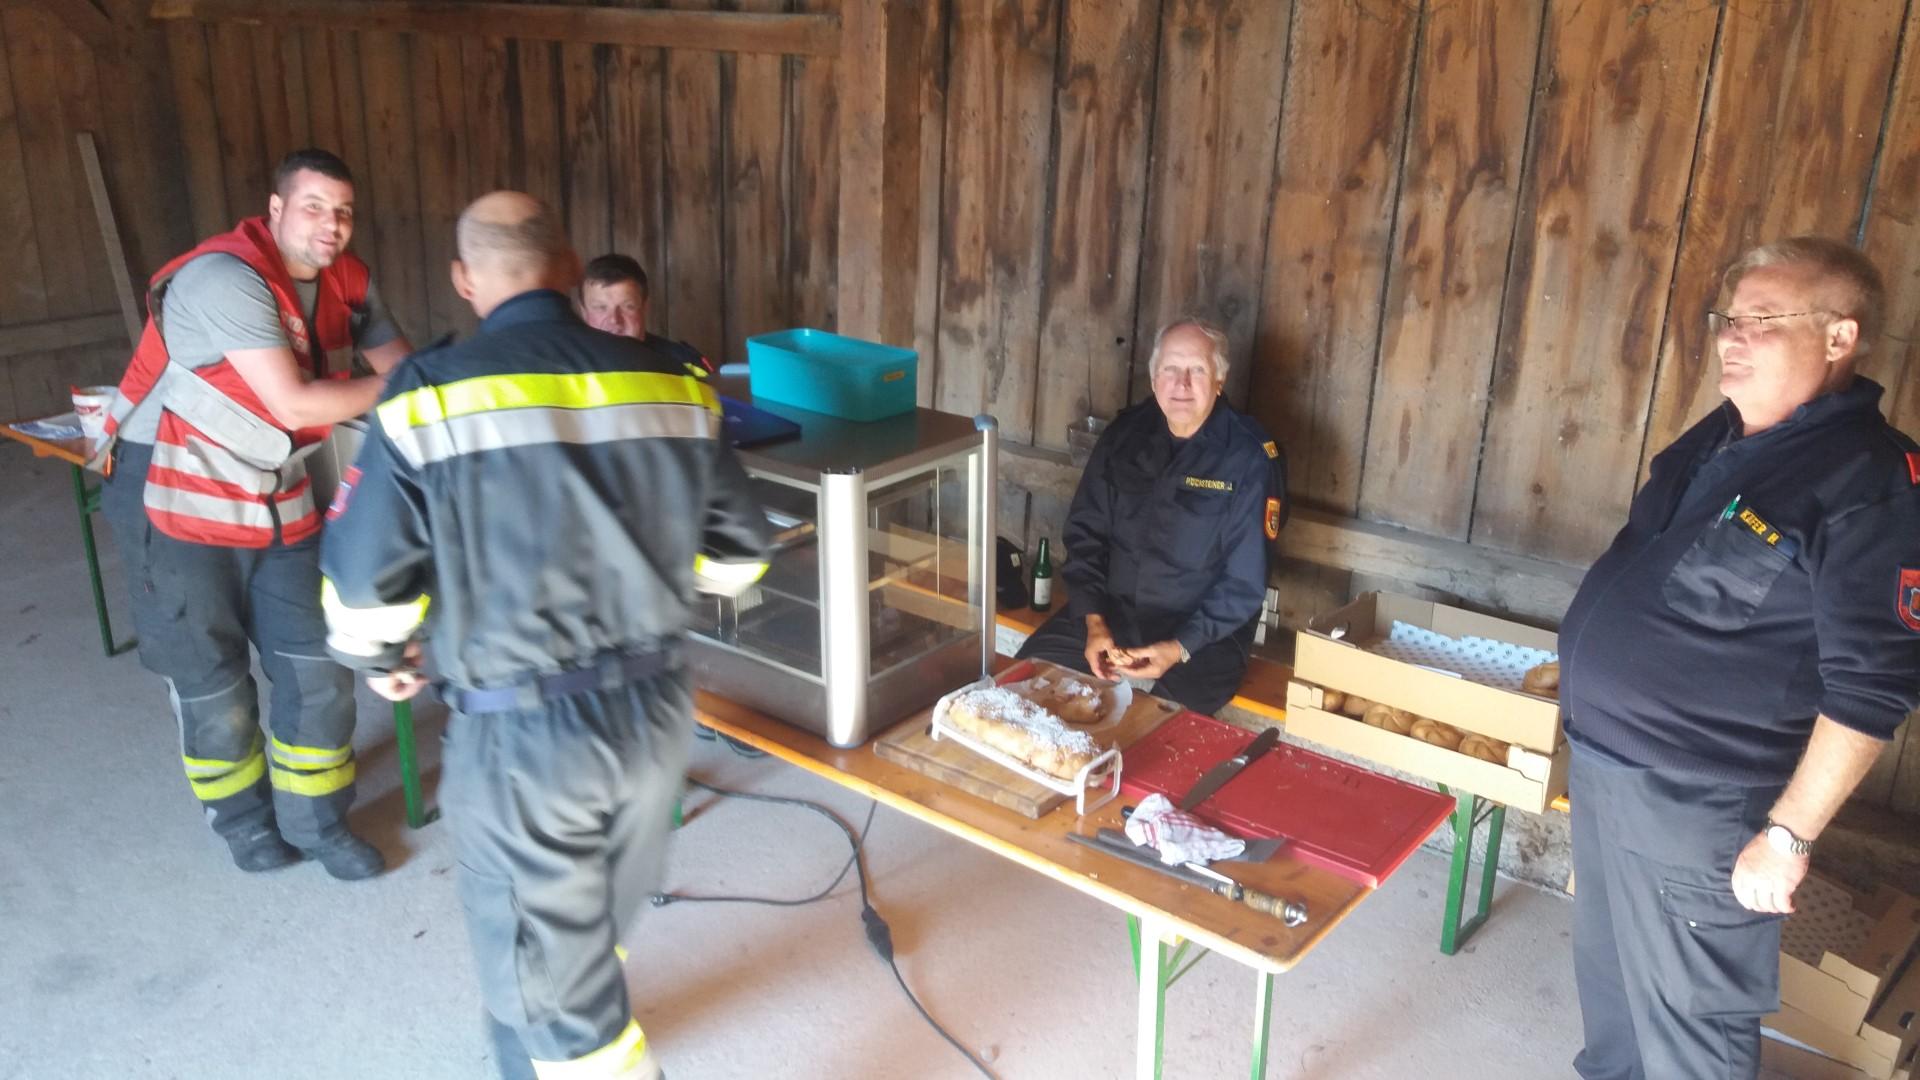 2017.09.29-30 Vollaufbau Hochwasserschutz (114) (Large)